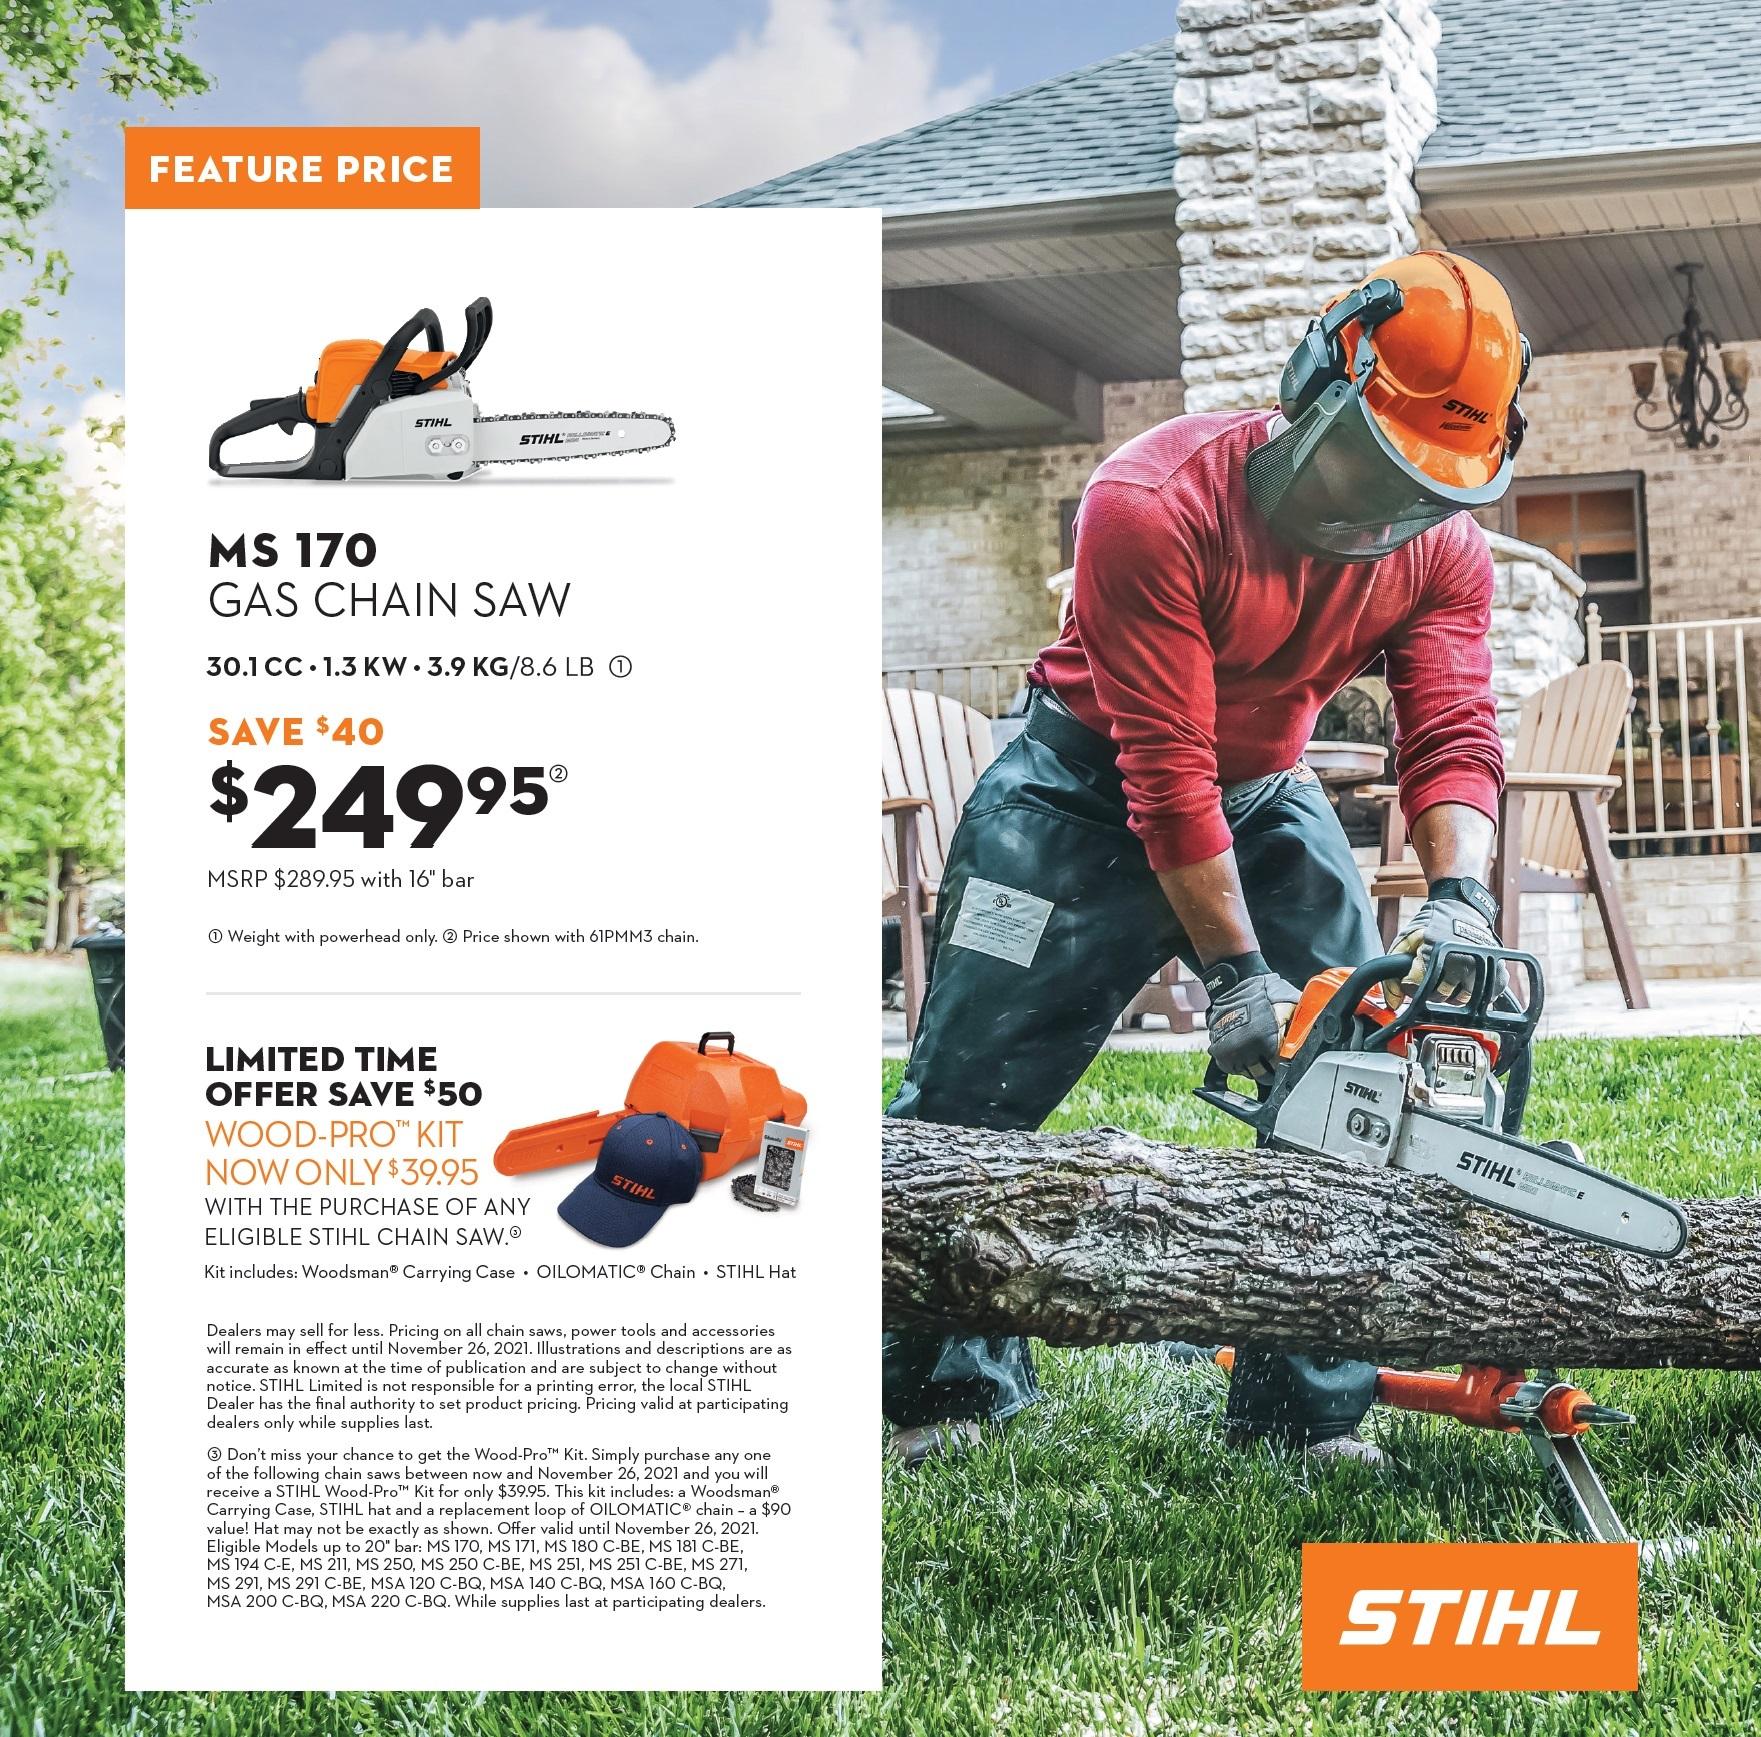 2021-09 STIHL WoodPro Kit & Chain Saw ad